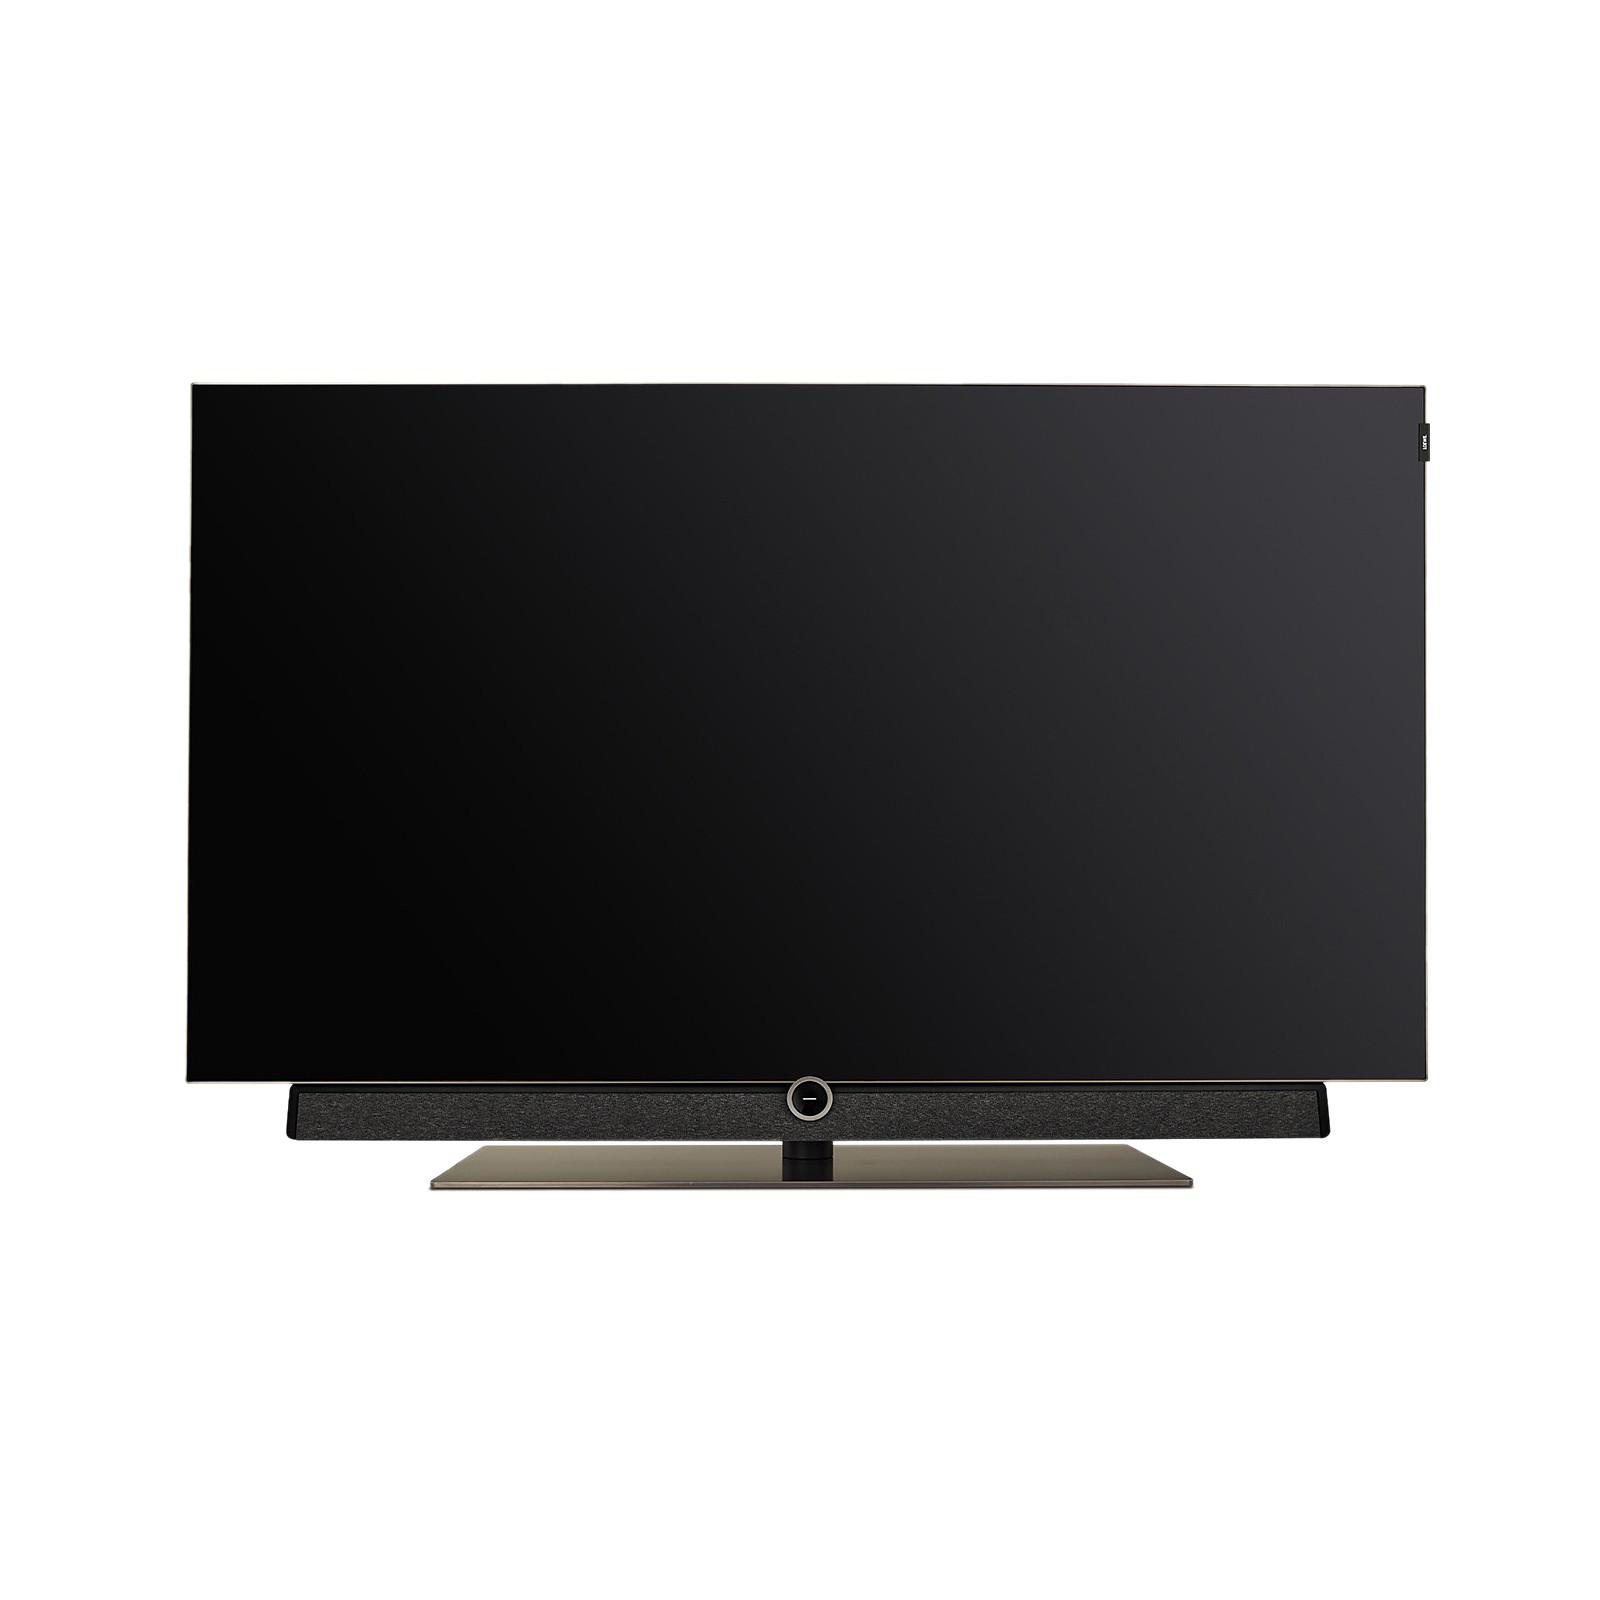 Loewe Bild 5.55 OLED Noir